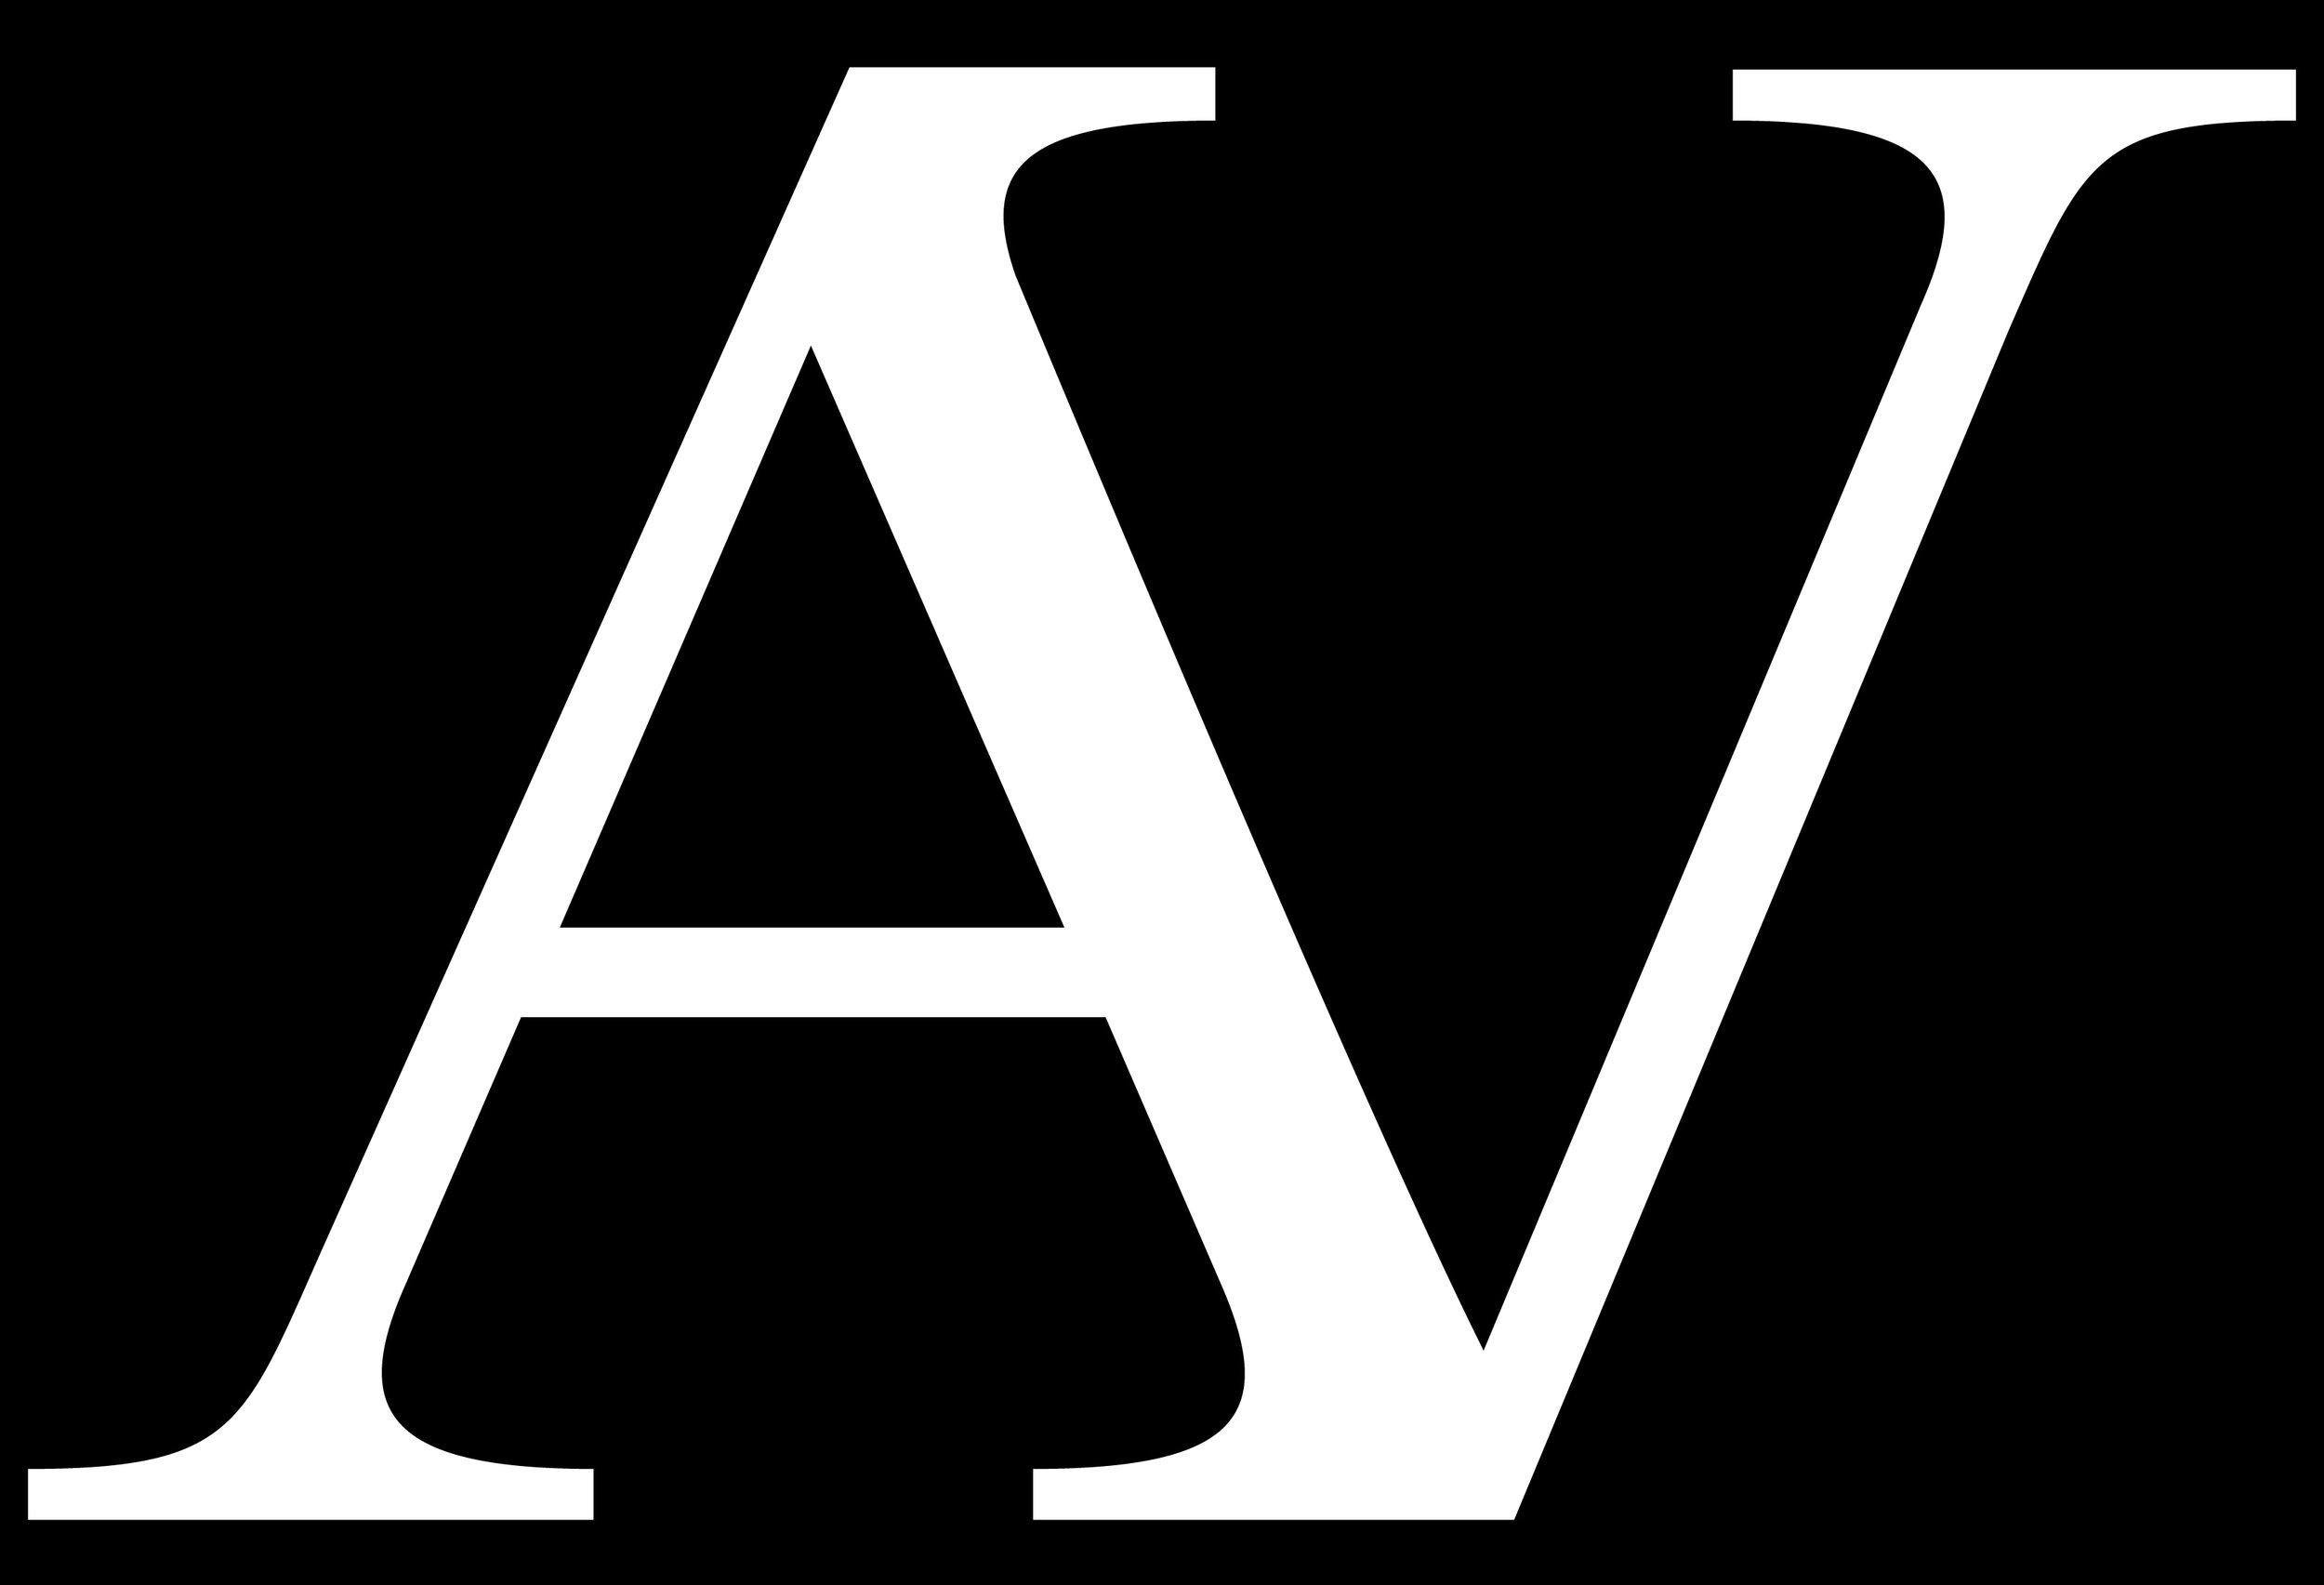 AV_02_logo_inverse.jpg